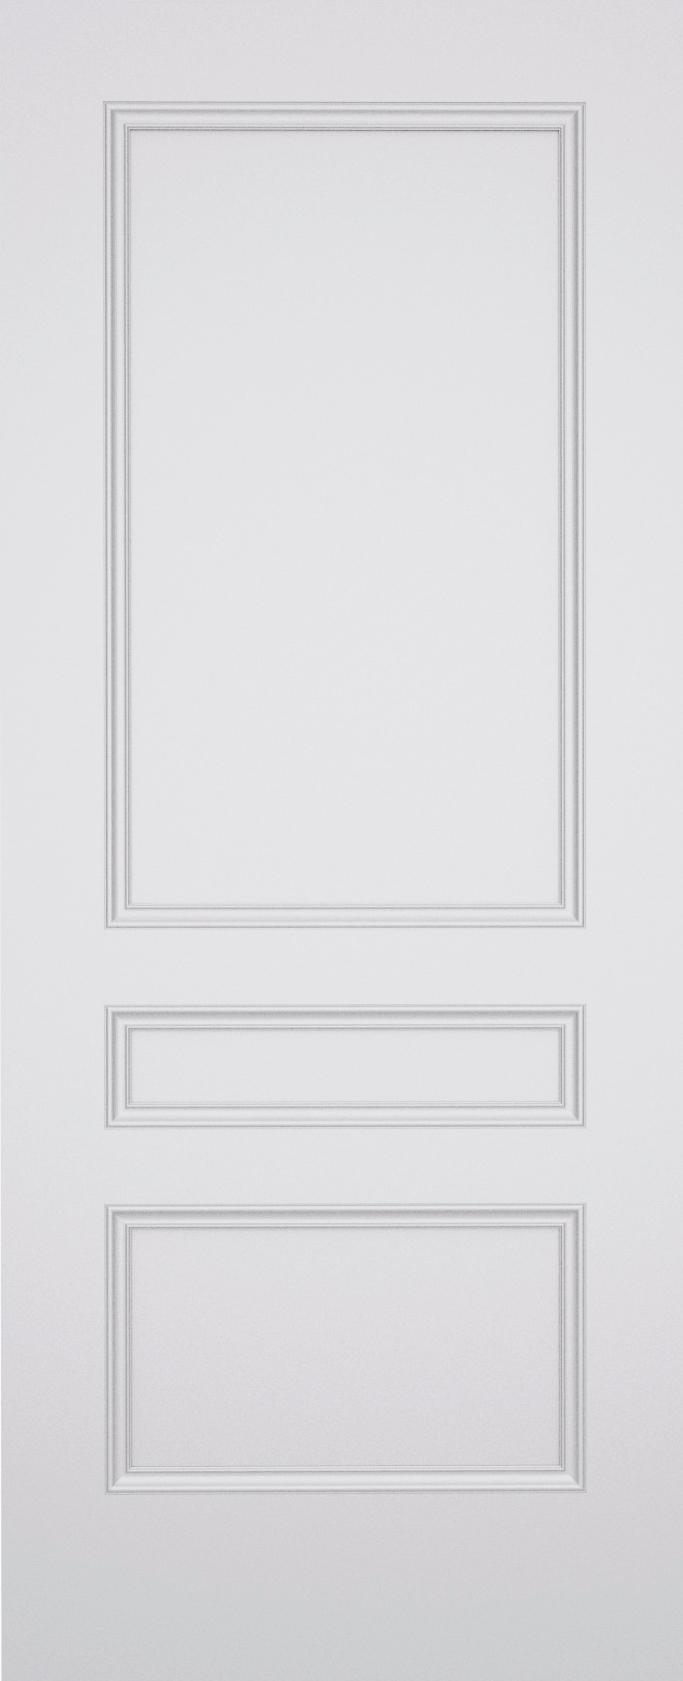 Kesh Brompton 3 Panel Door